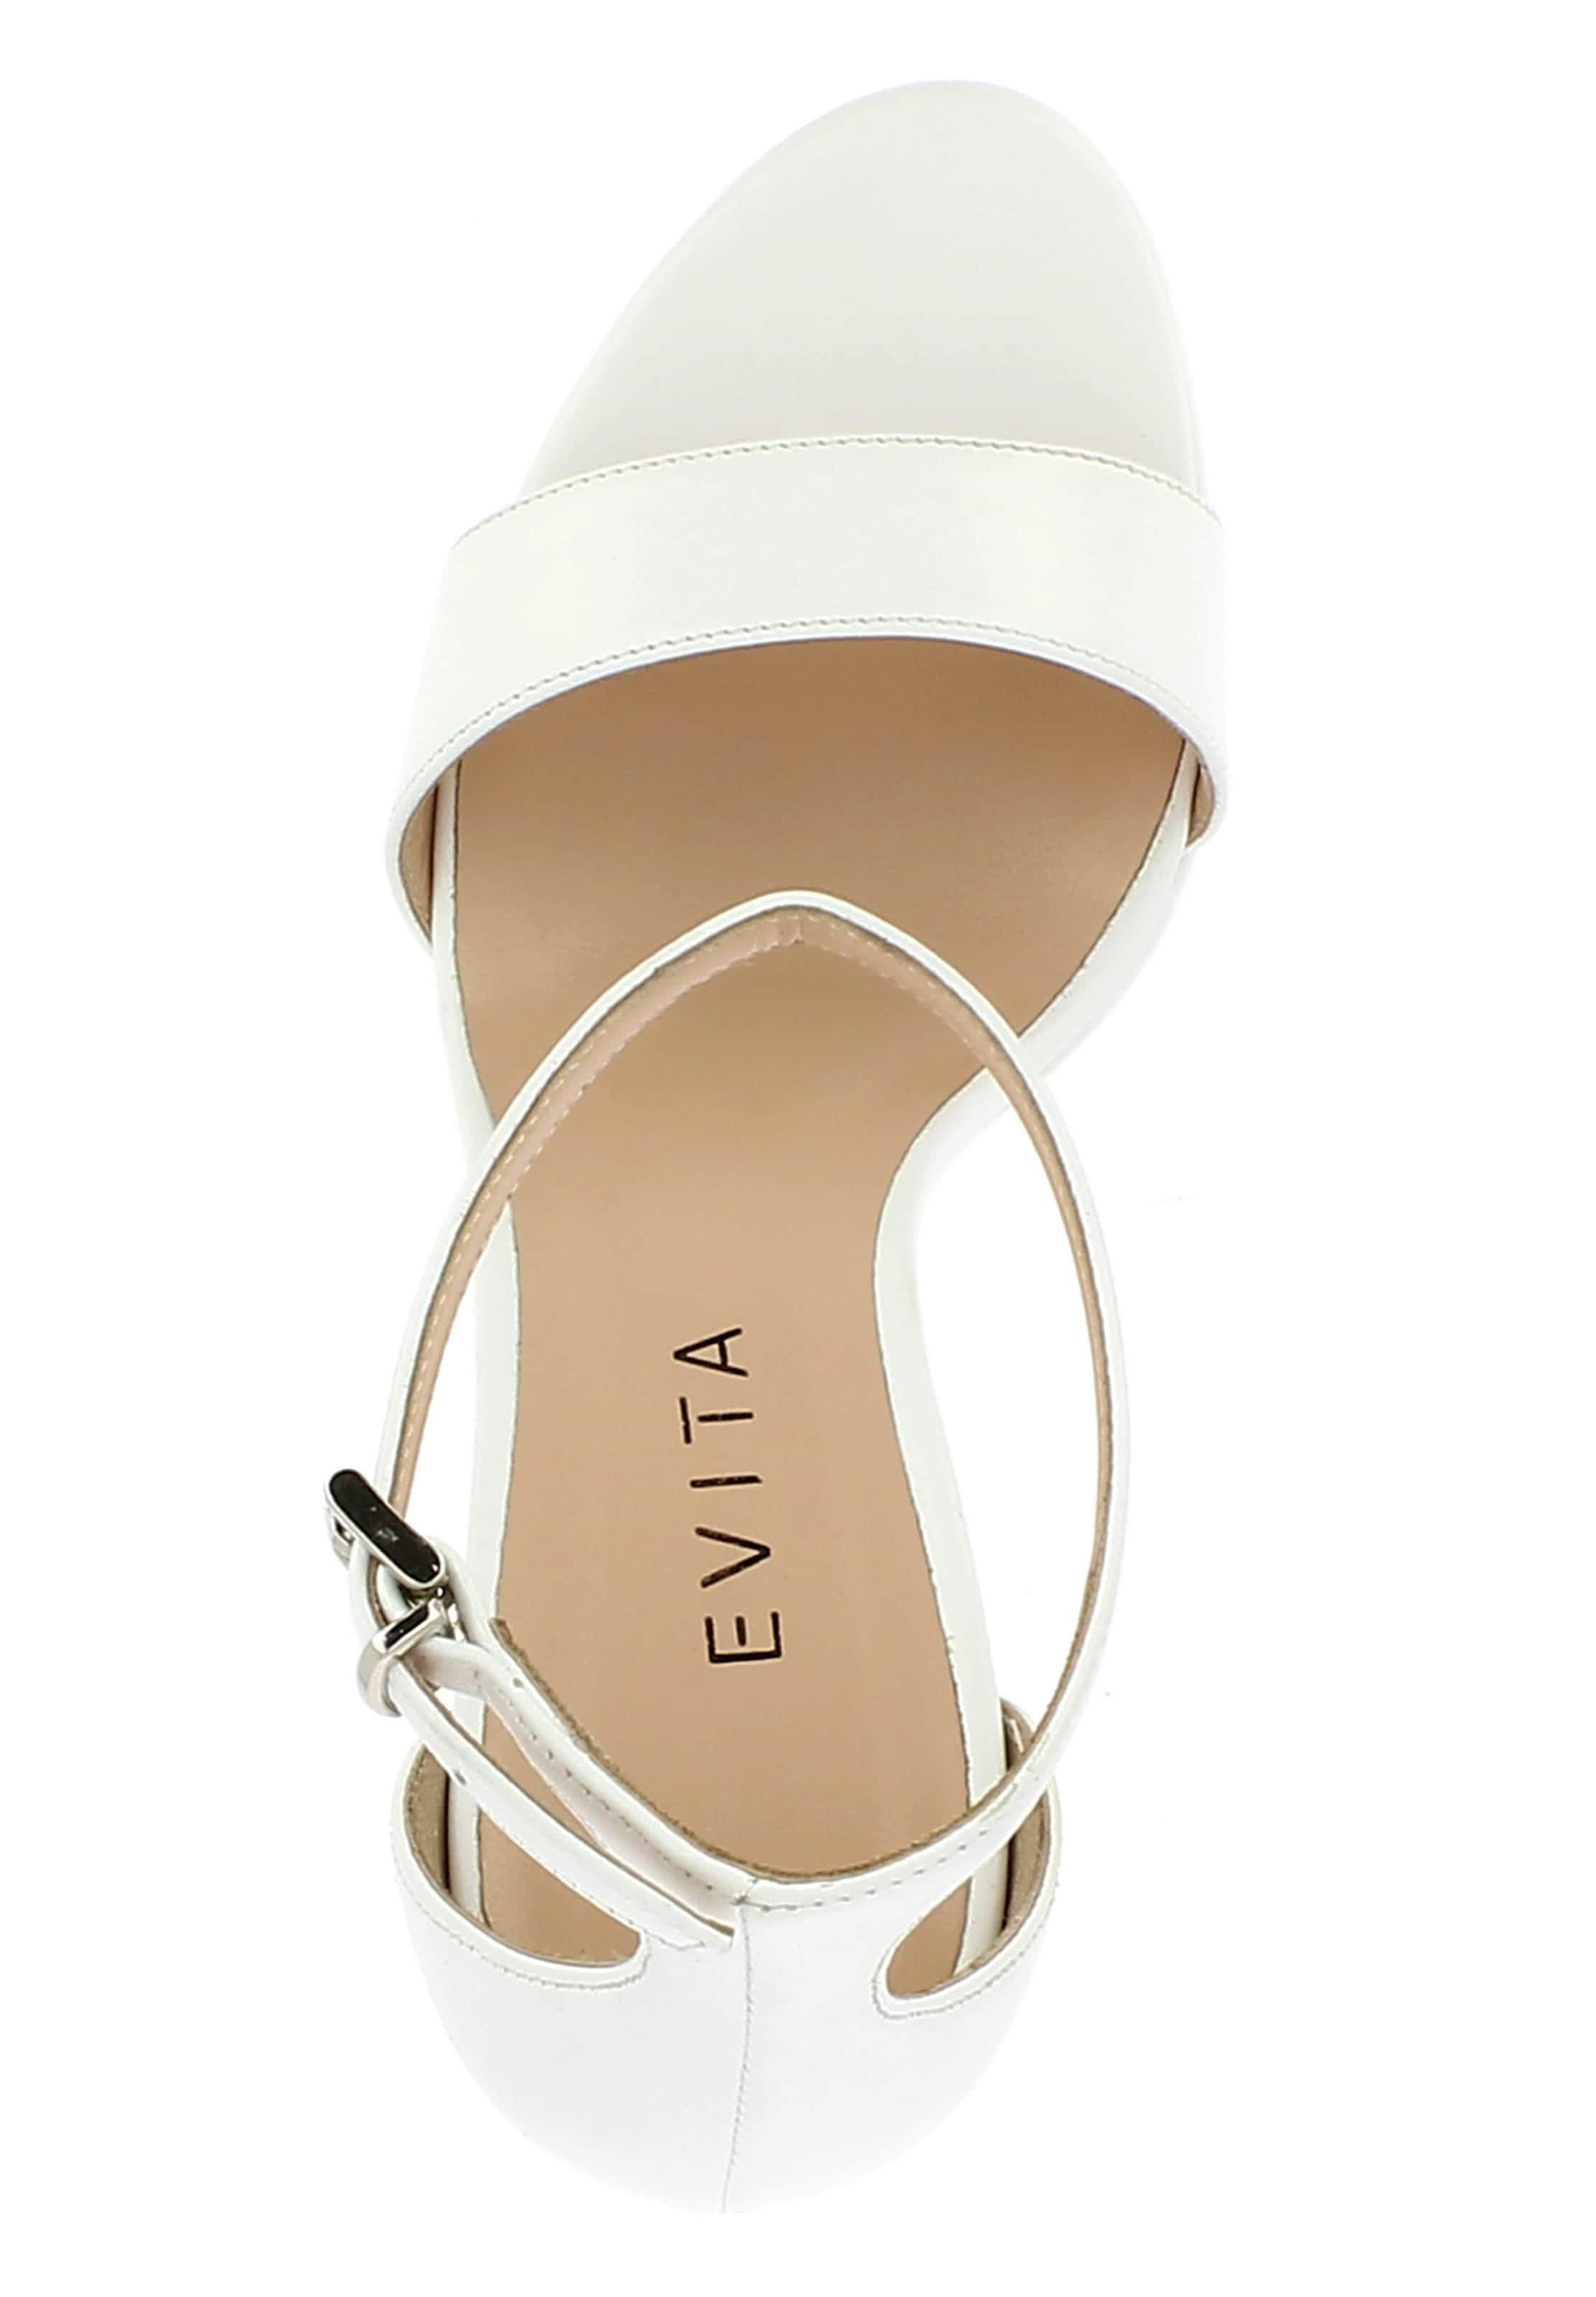 Weiß Evita Sandalette In 'valeria' Weiß Sandalette Evita 'valeria' Sandalette Evita In 'valeria' 76gybfYv